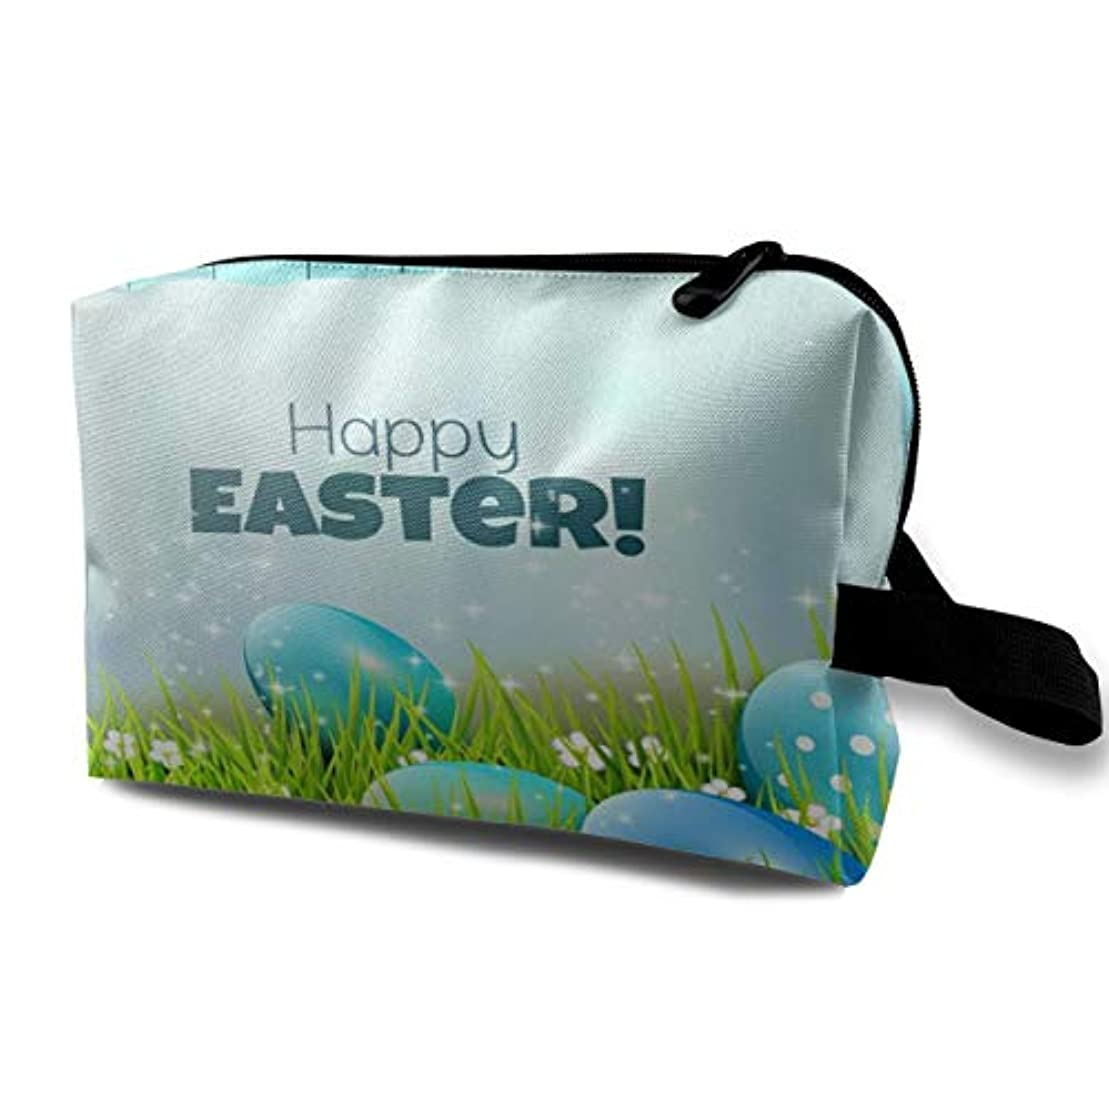 怒っているタッチ所得Happy Easter Colorful Eggs Sea Blue 収納ポーチ 化粧ポーチ 大容量 軽量 耐久性 ハンドル付持ち運び便利。入れ 自宅?出張?旅行?アウトドア撮影などに対応。メンズ レディース トラベルグッズ